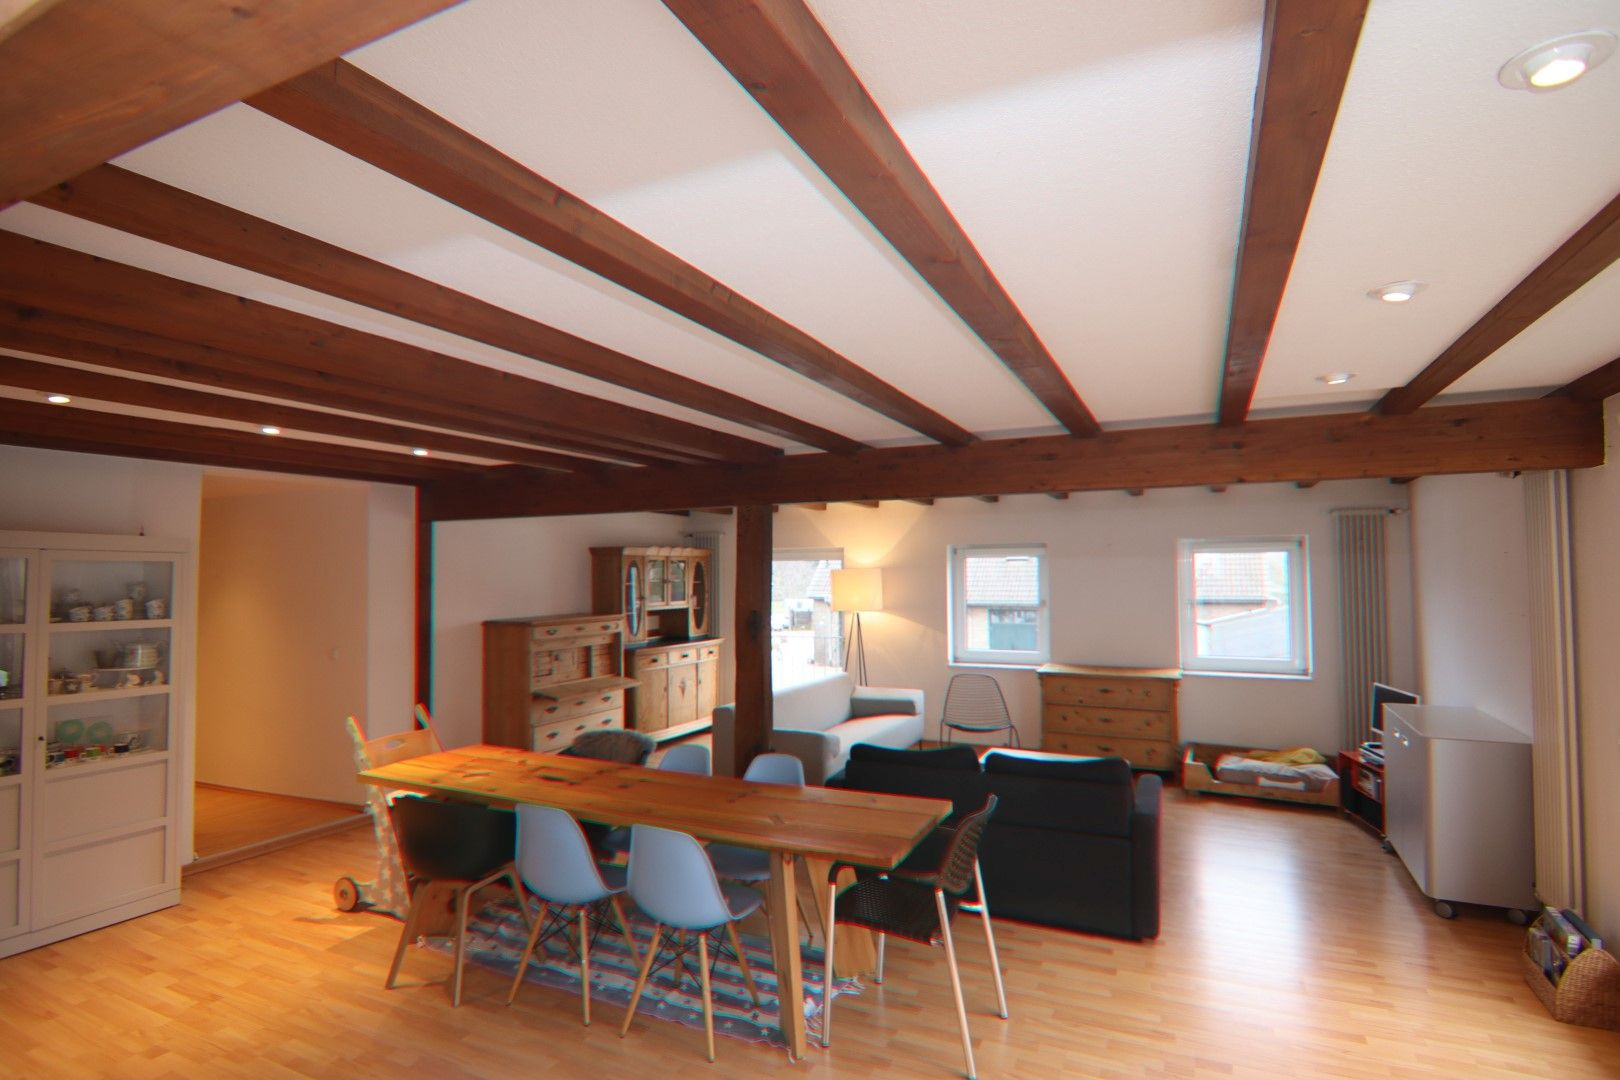 Immobilie Nr.0291 - 4-Raum-Wohnung, 2 Bäder mit Balkon u. Stpl. - Bild 11.jpg